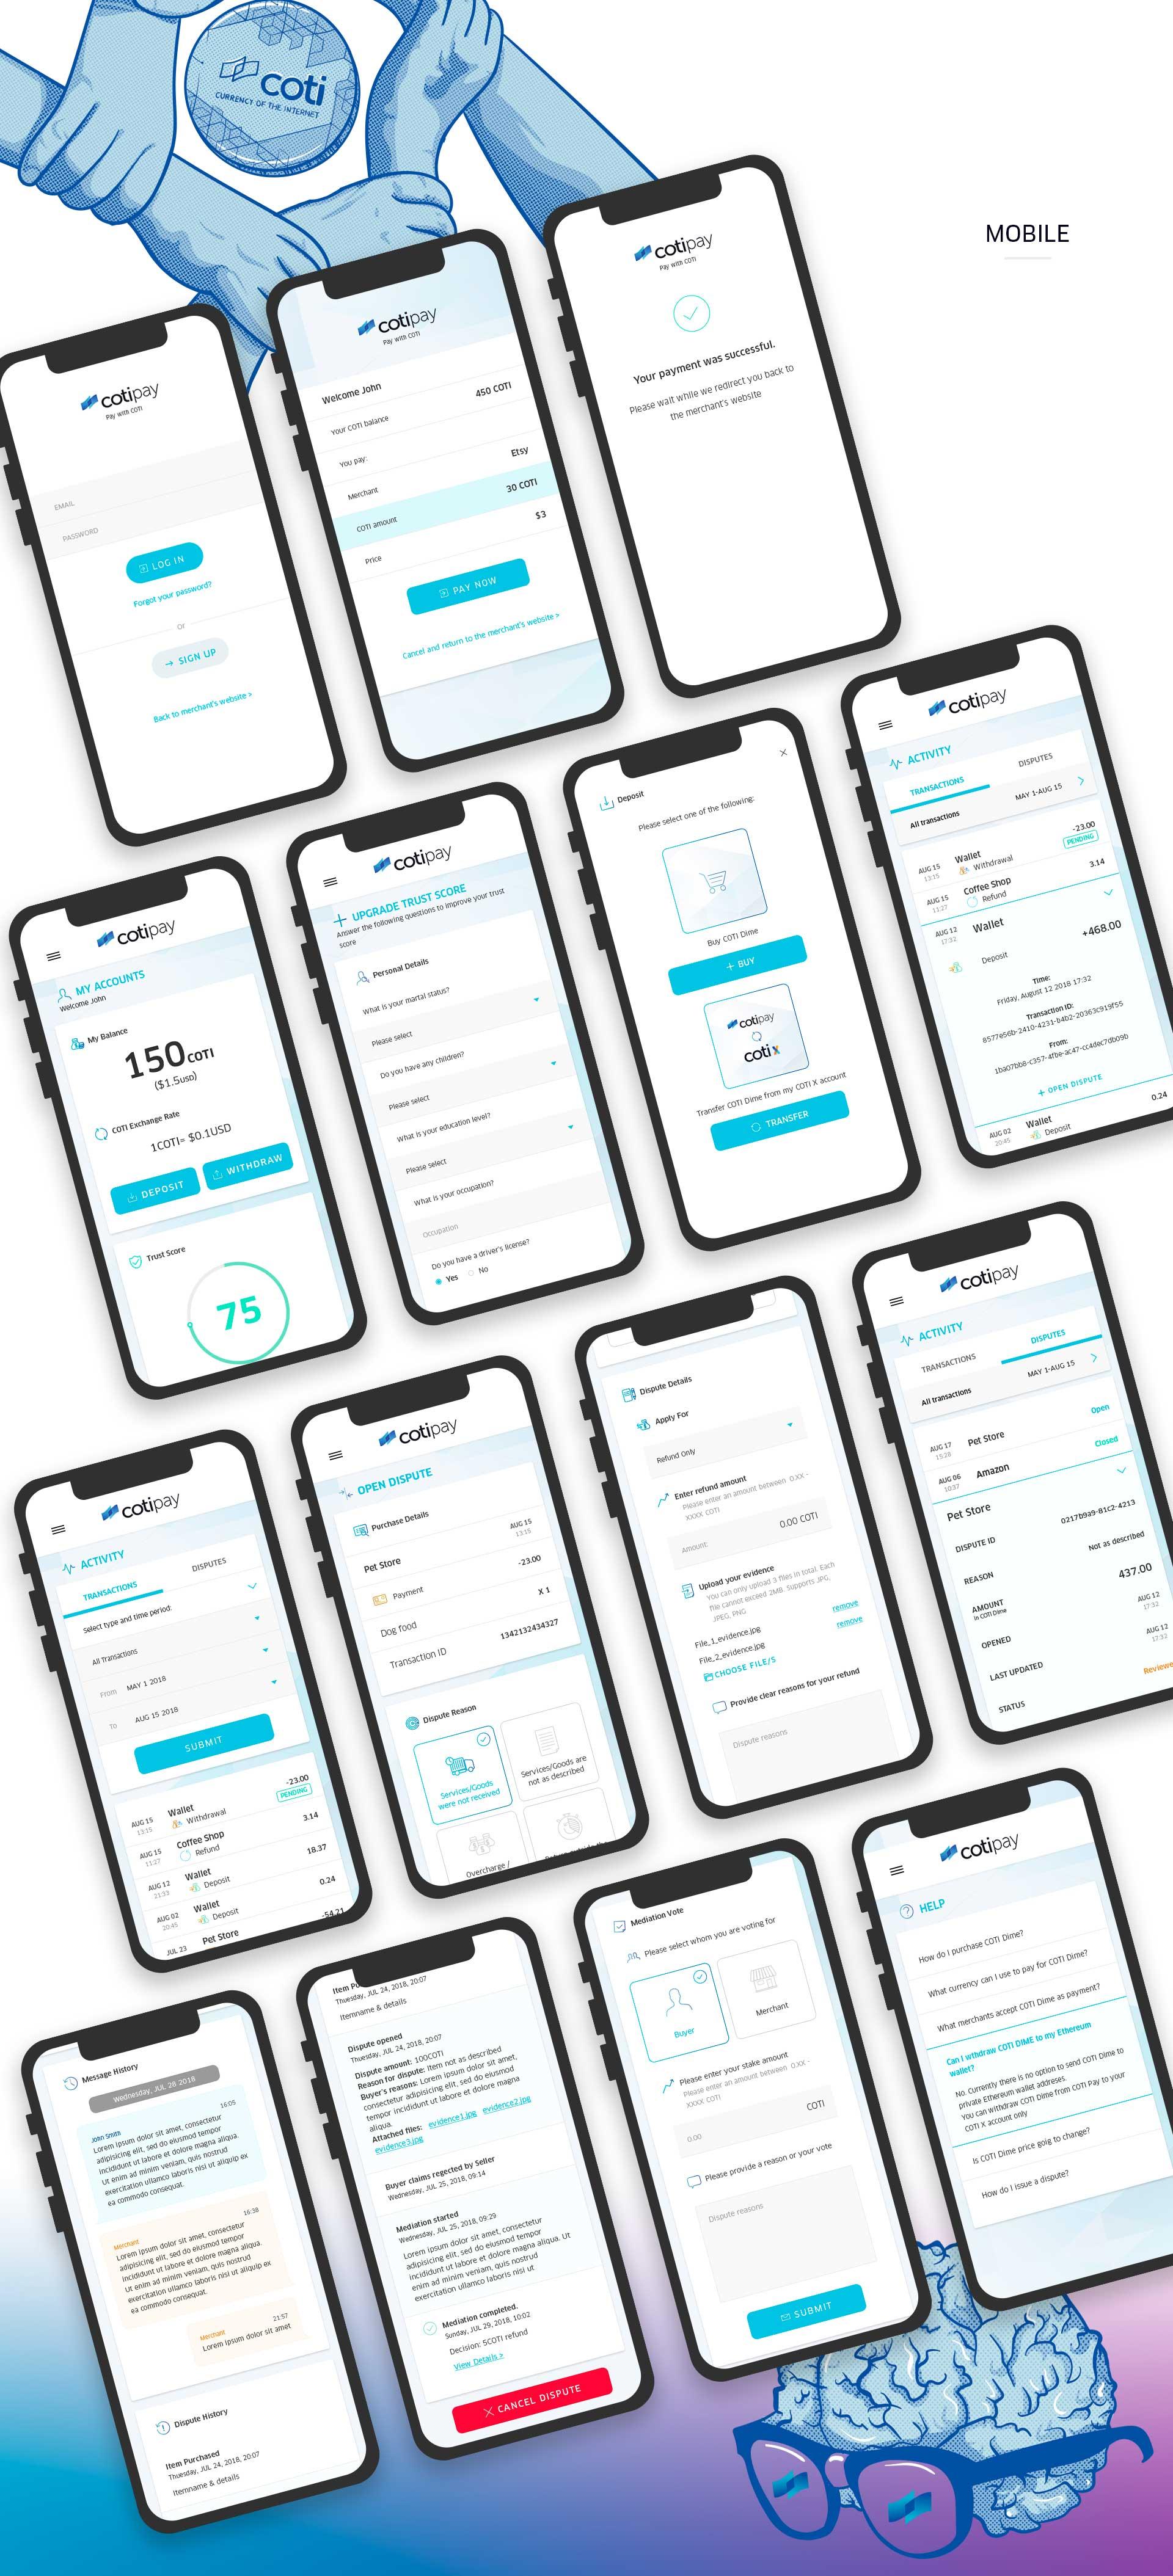 Cotipay - UI & UX for digital crypto currency payment system by COTI תכנון חוויית משתמש ועיצוב ממשק משתמש לארנק דיגיטלי קריפטו 5